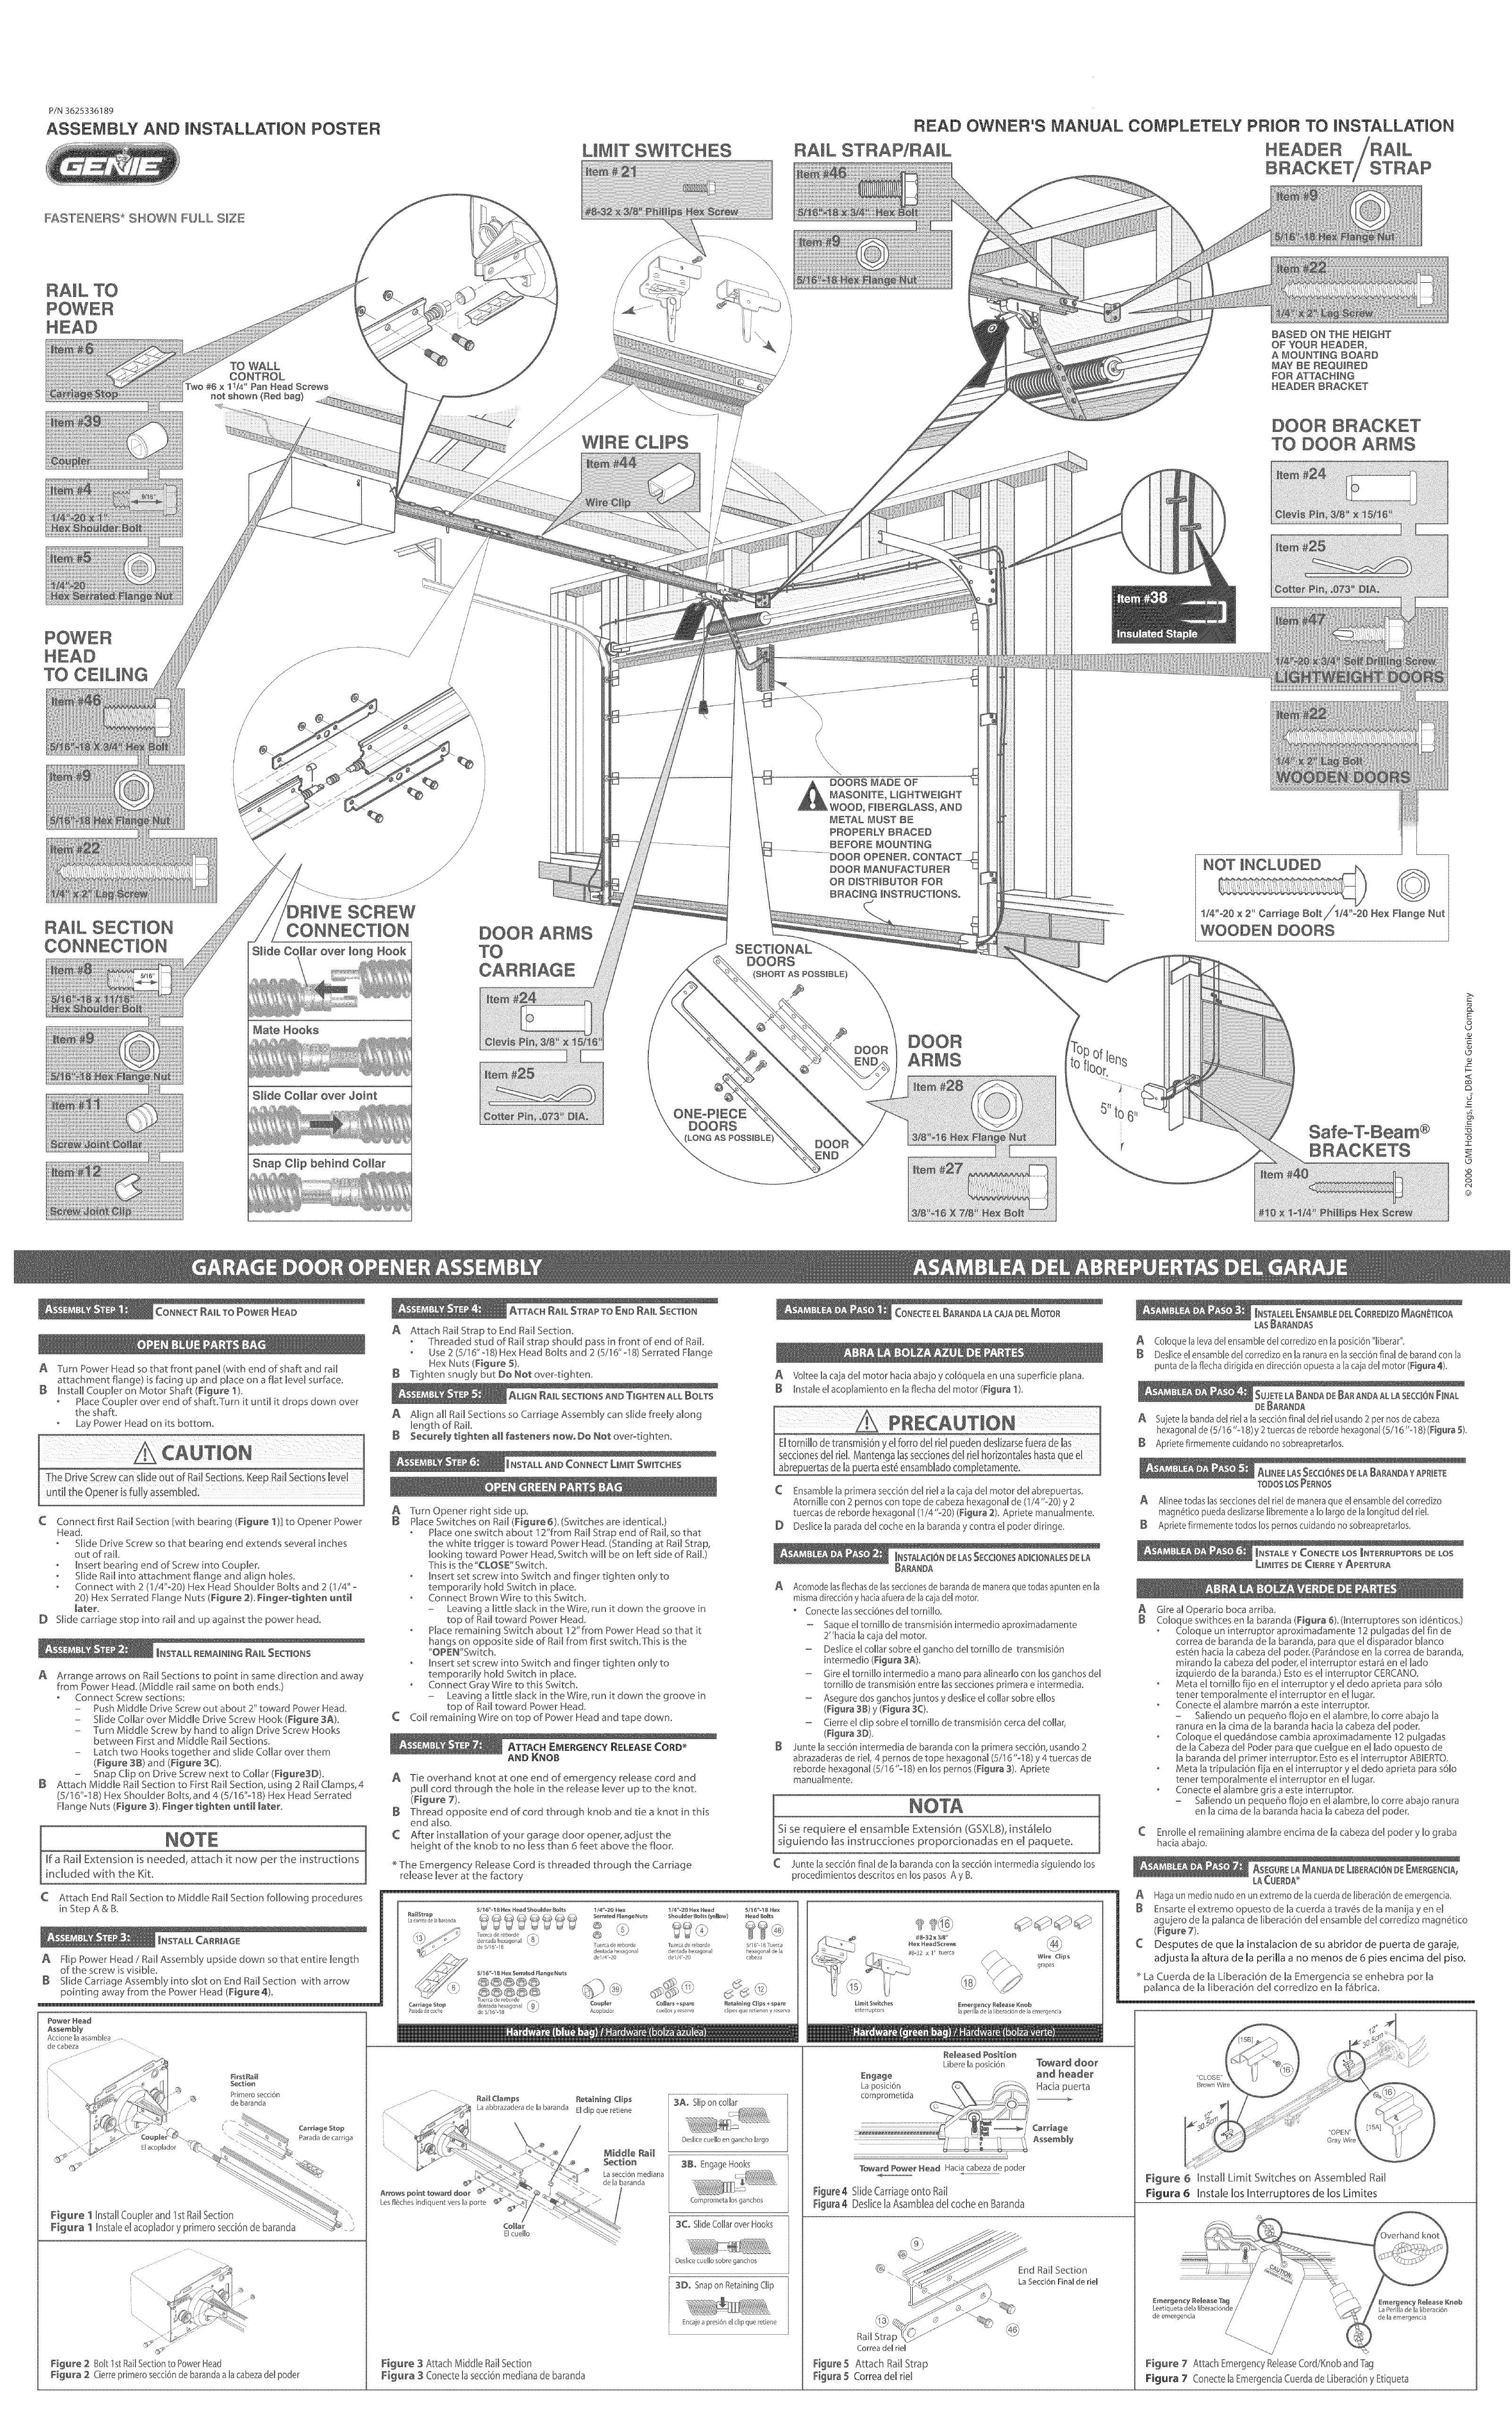 genie garage door opener troubleshooting guide http voteno123 rh pinterest com au Genie Garage Door Opener Manual Genie Garage Door Opener Programming